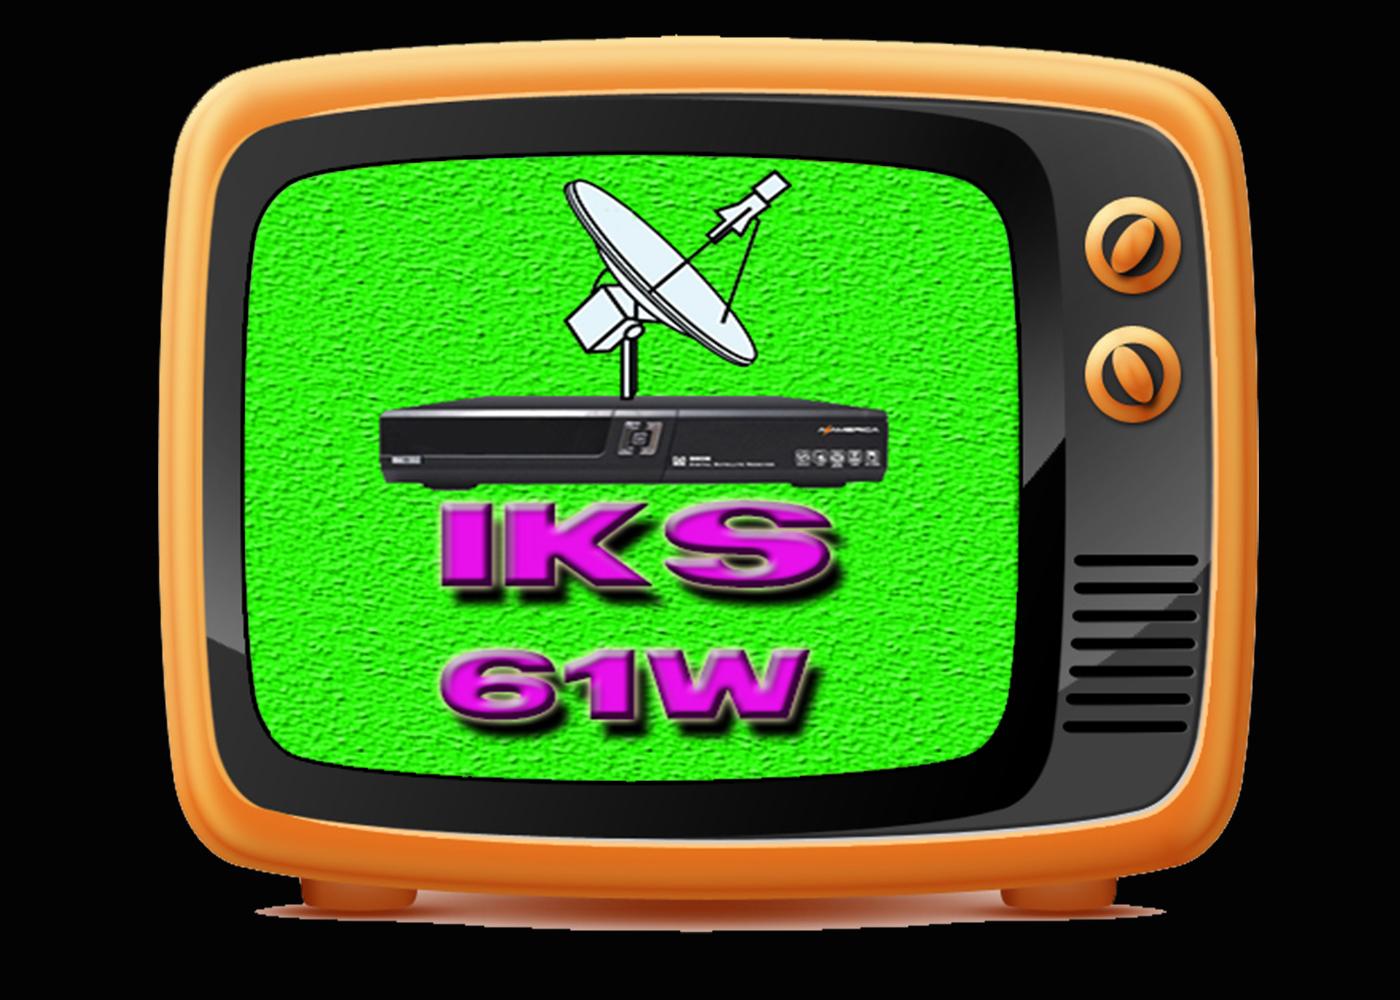 TV+IKS